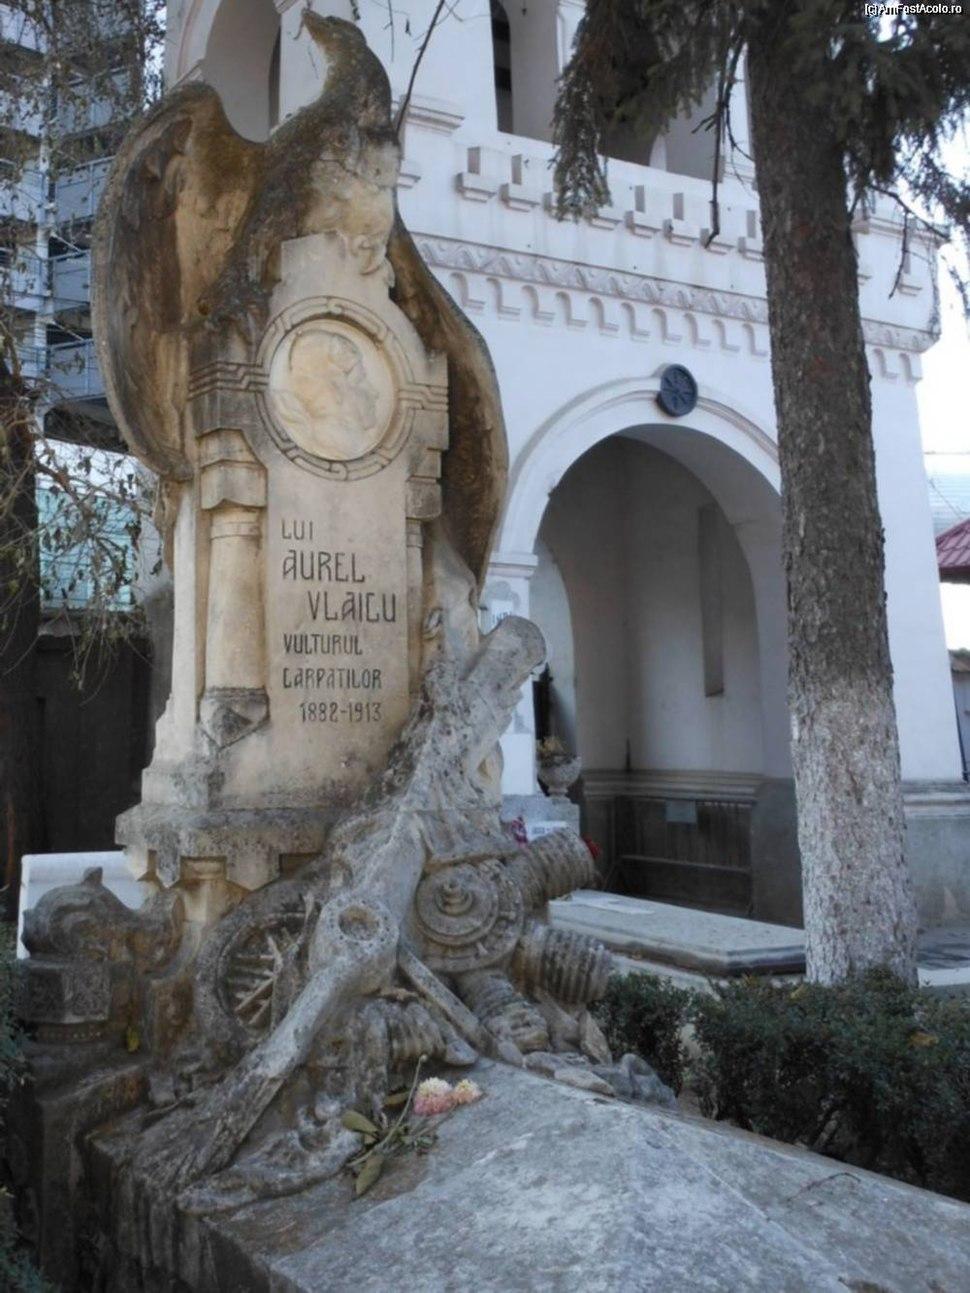 Aurel Vlaicu tombstone